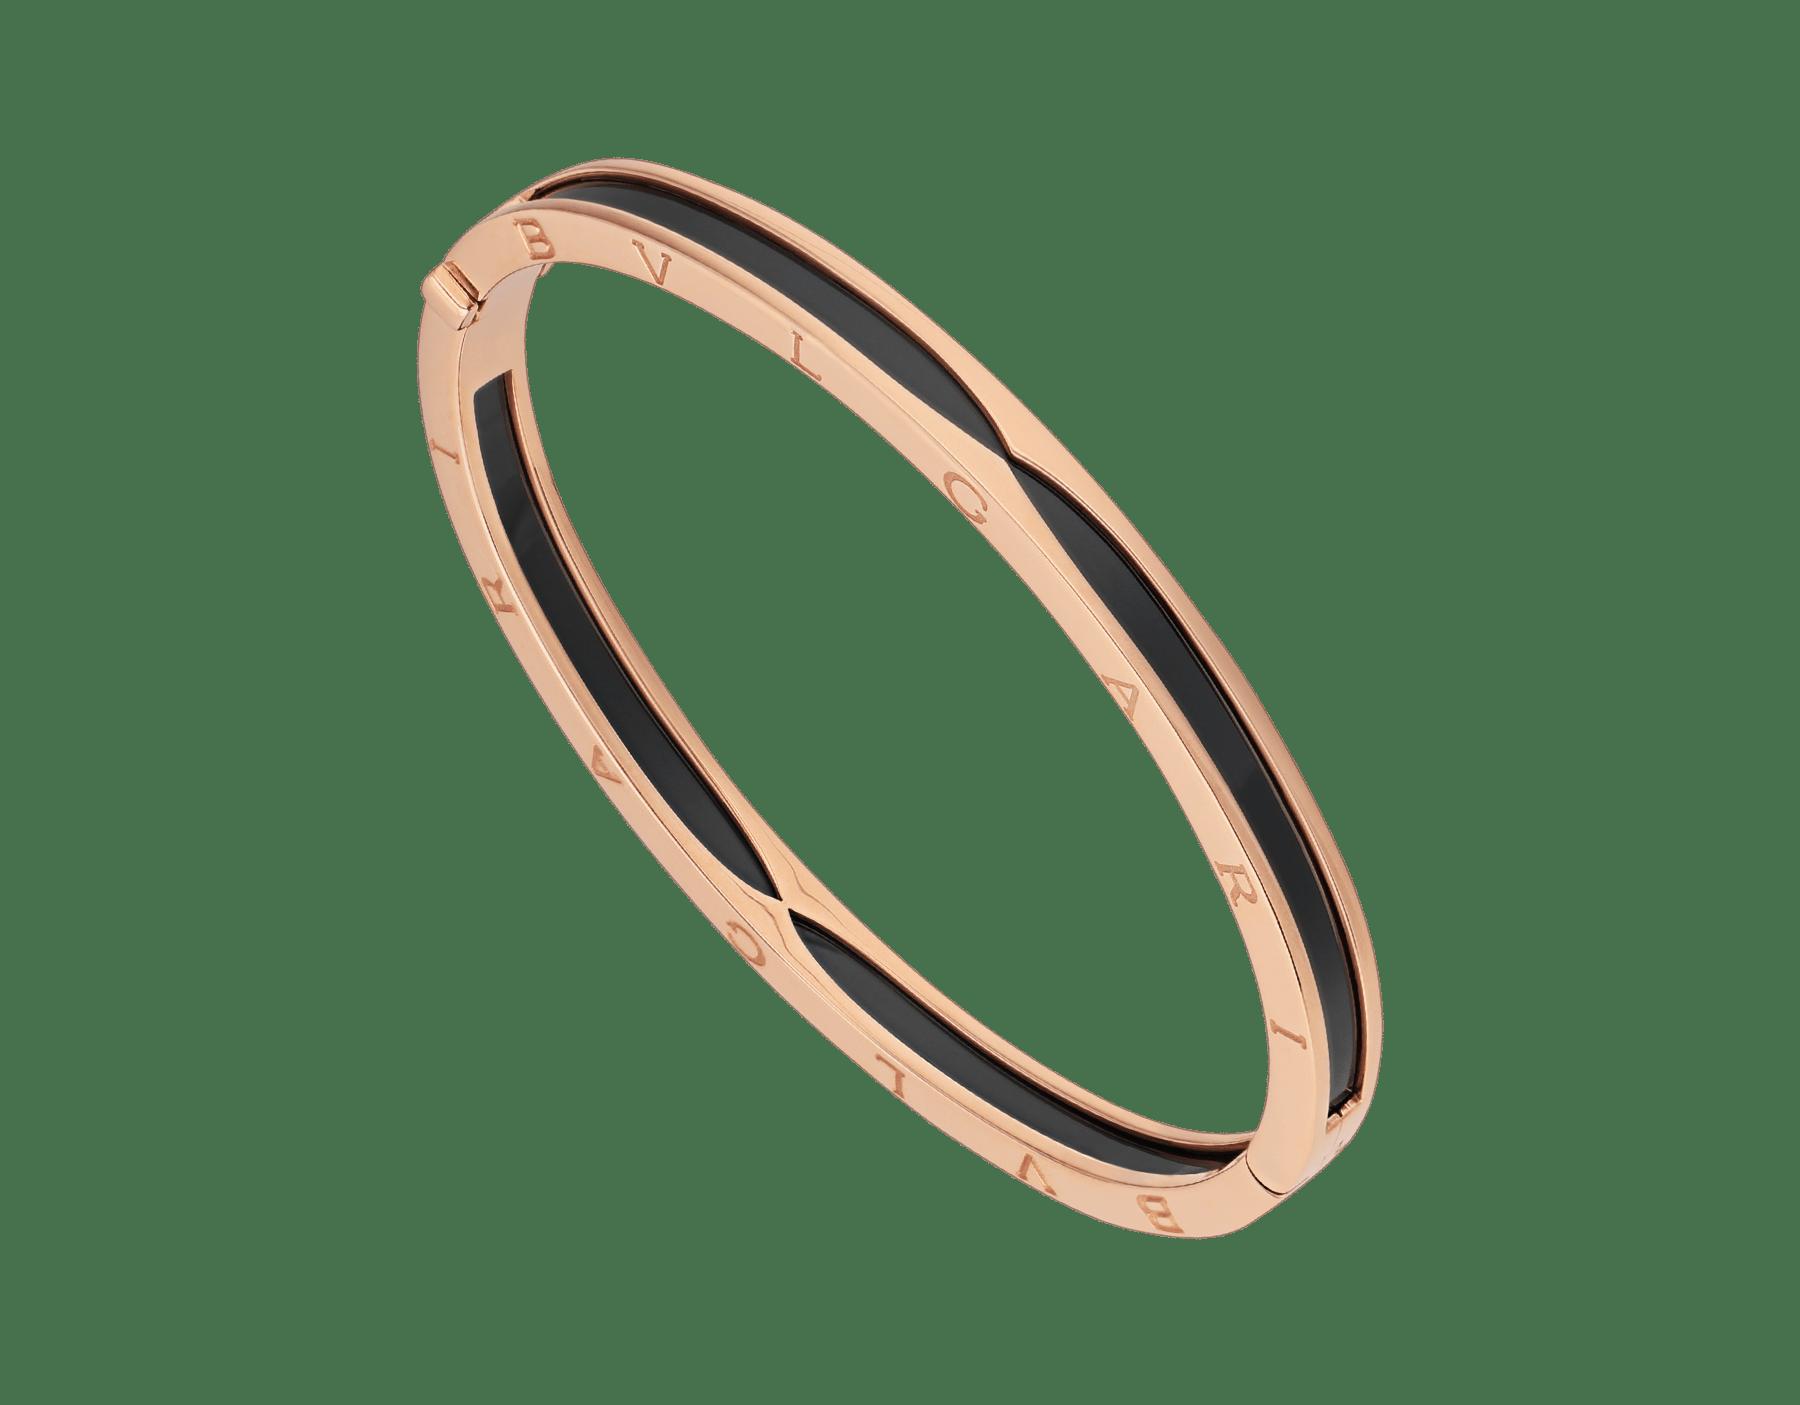 Com a icônica espiral levada ao limite, o delicado e sexy bracelete B.zero1 revela seu espírito contemporâneo através de fluidez geométrica e justaposição de materiais não convencionais. BR857618 image 1